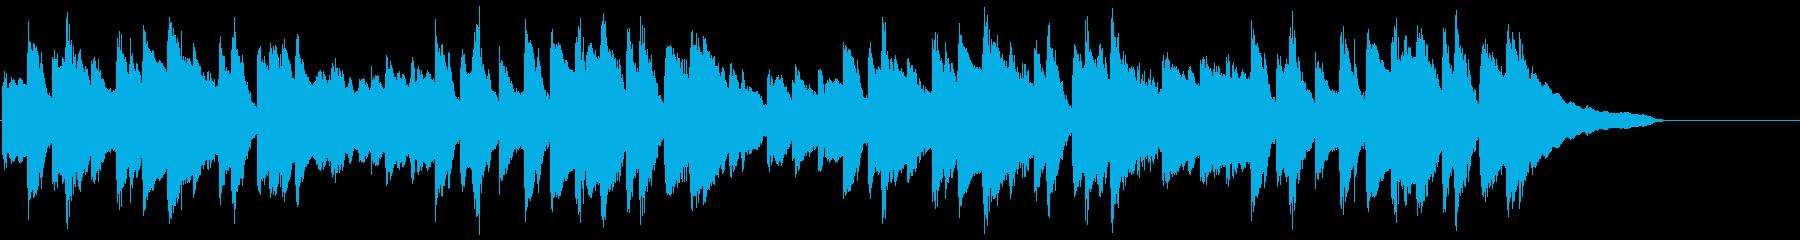 動画広告 30秒 ソロピアノ 日常の再生済みの波形